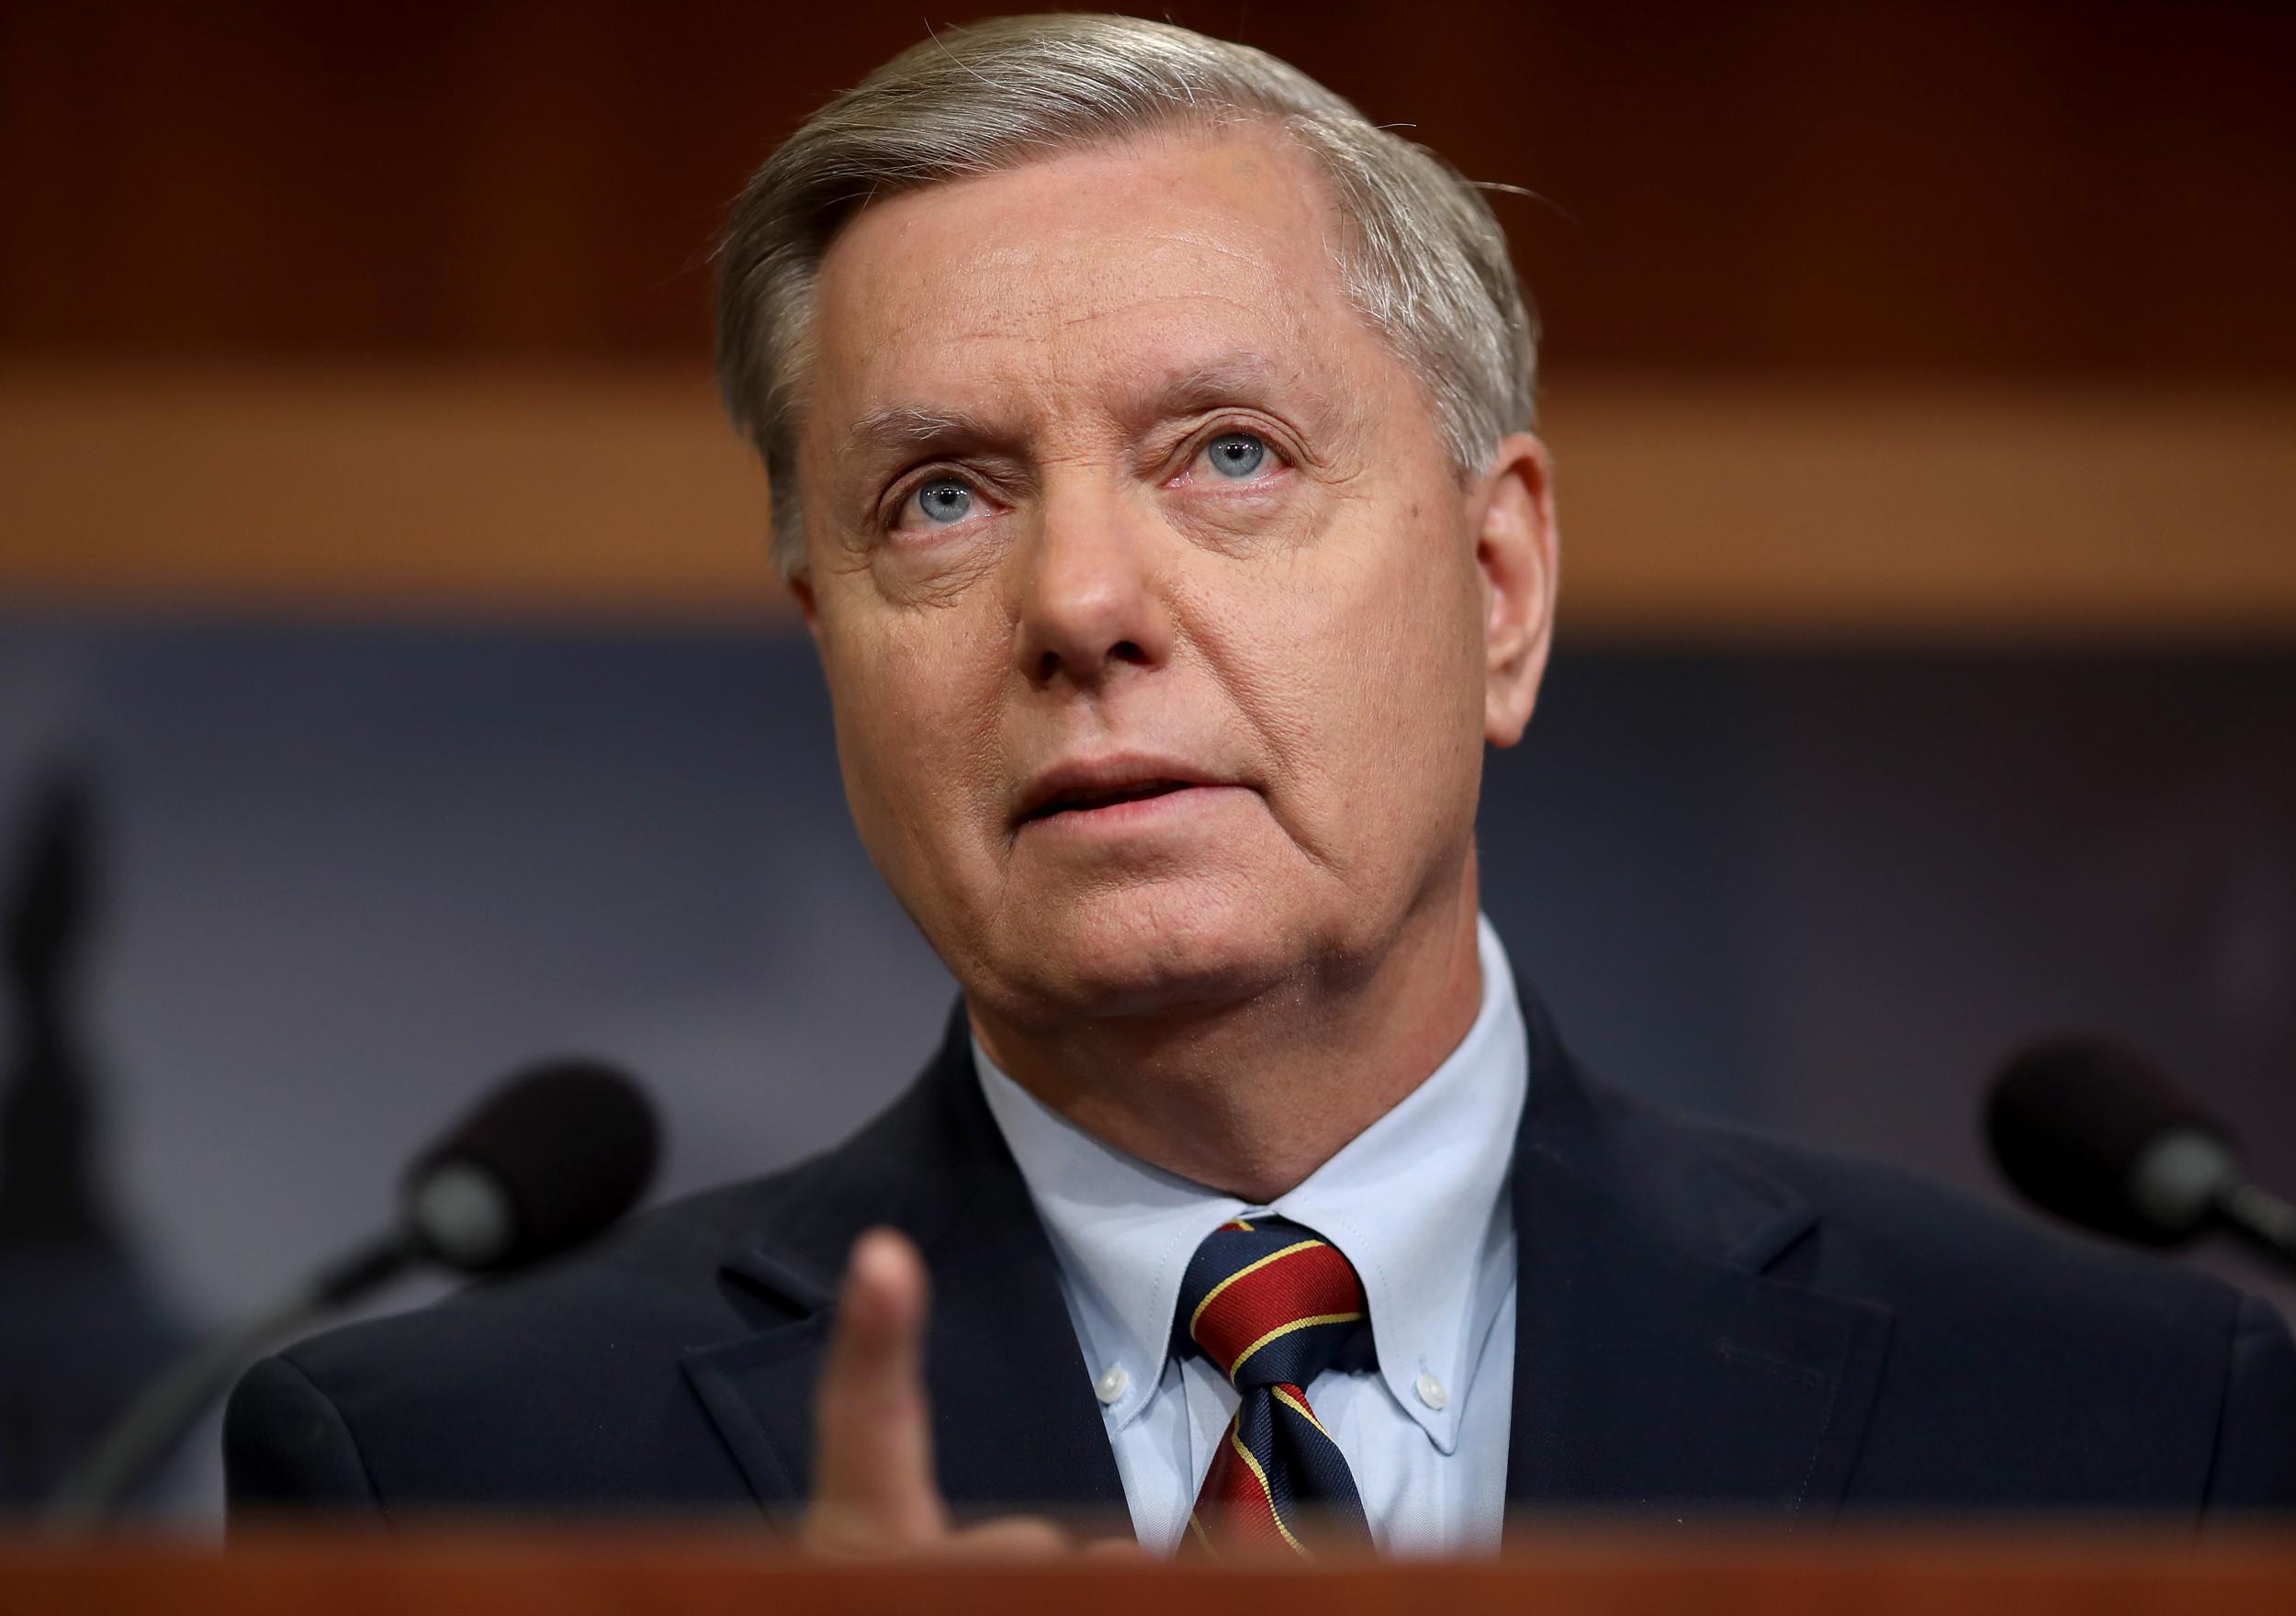 Lindsey Graham faces his toughest re-election fight ever against Democrat Jaime Harrison